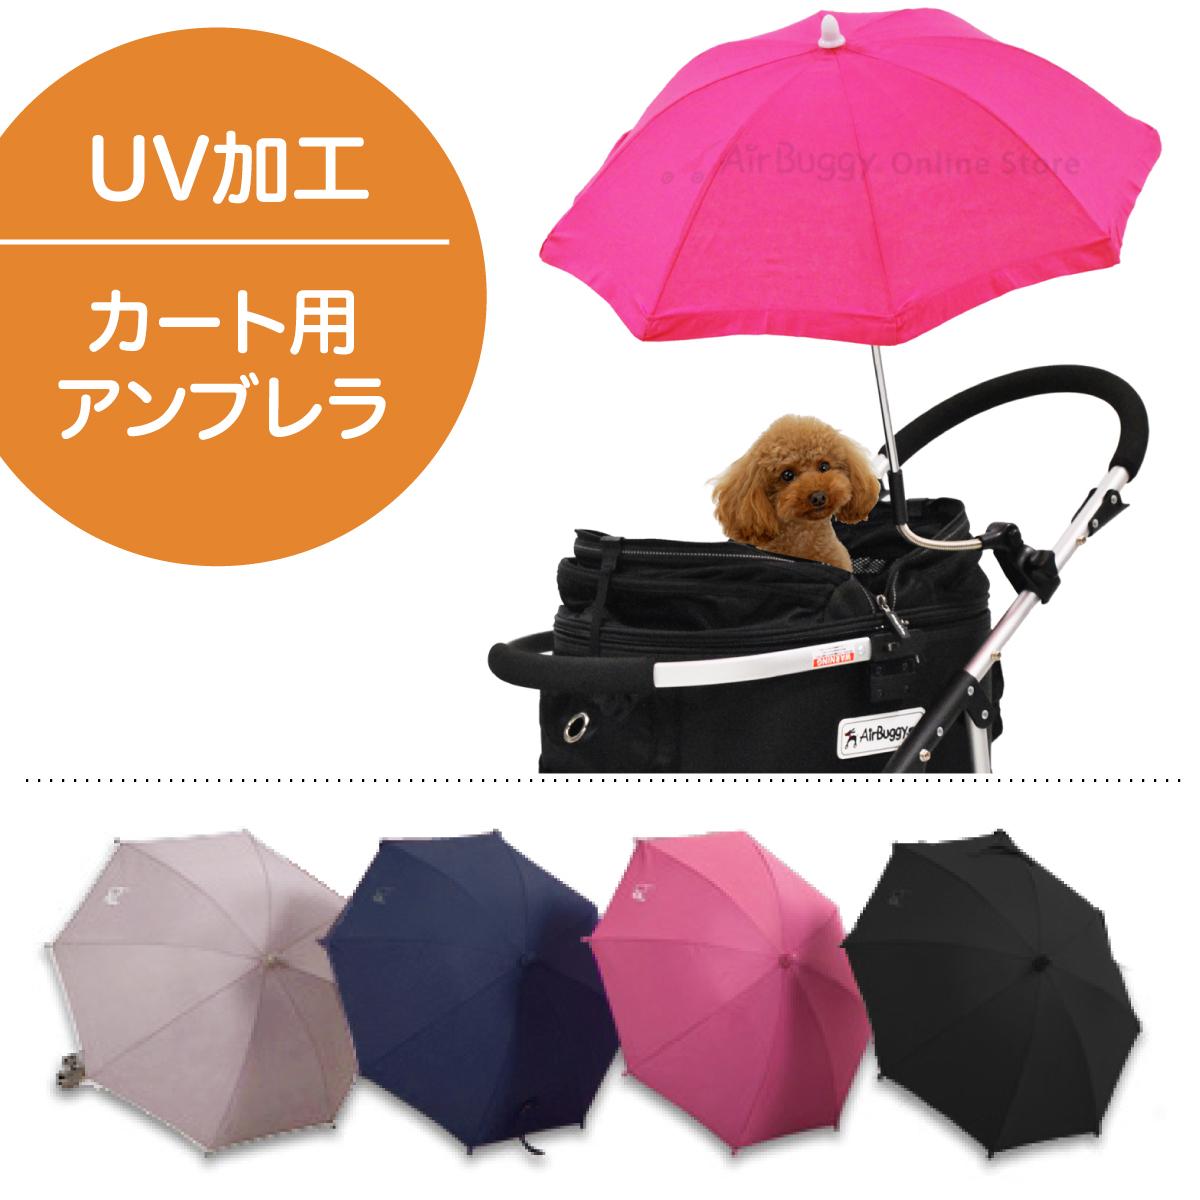 unbrella-pet